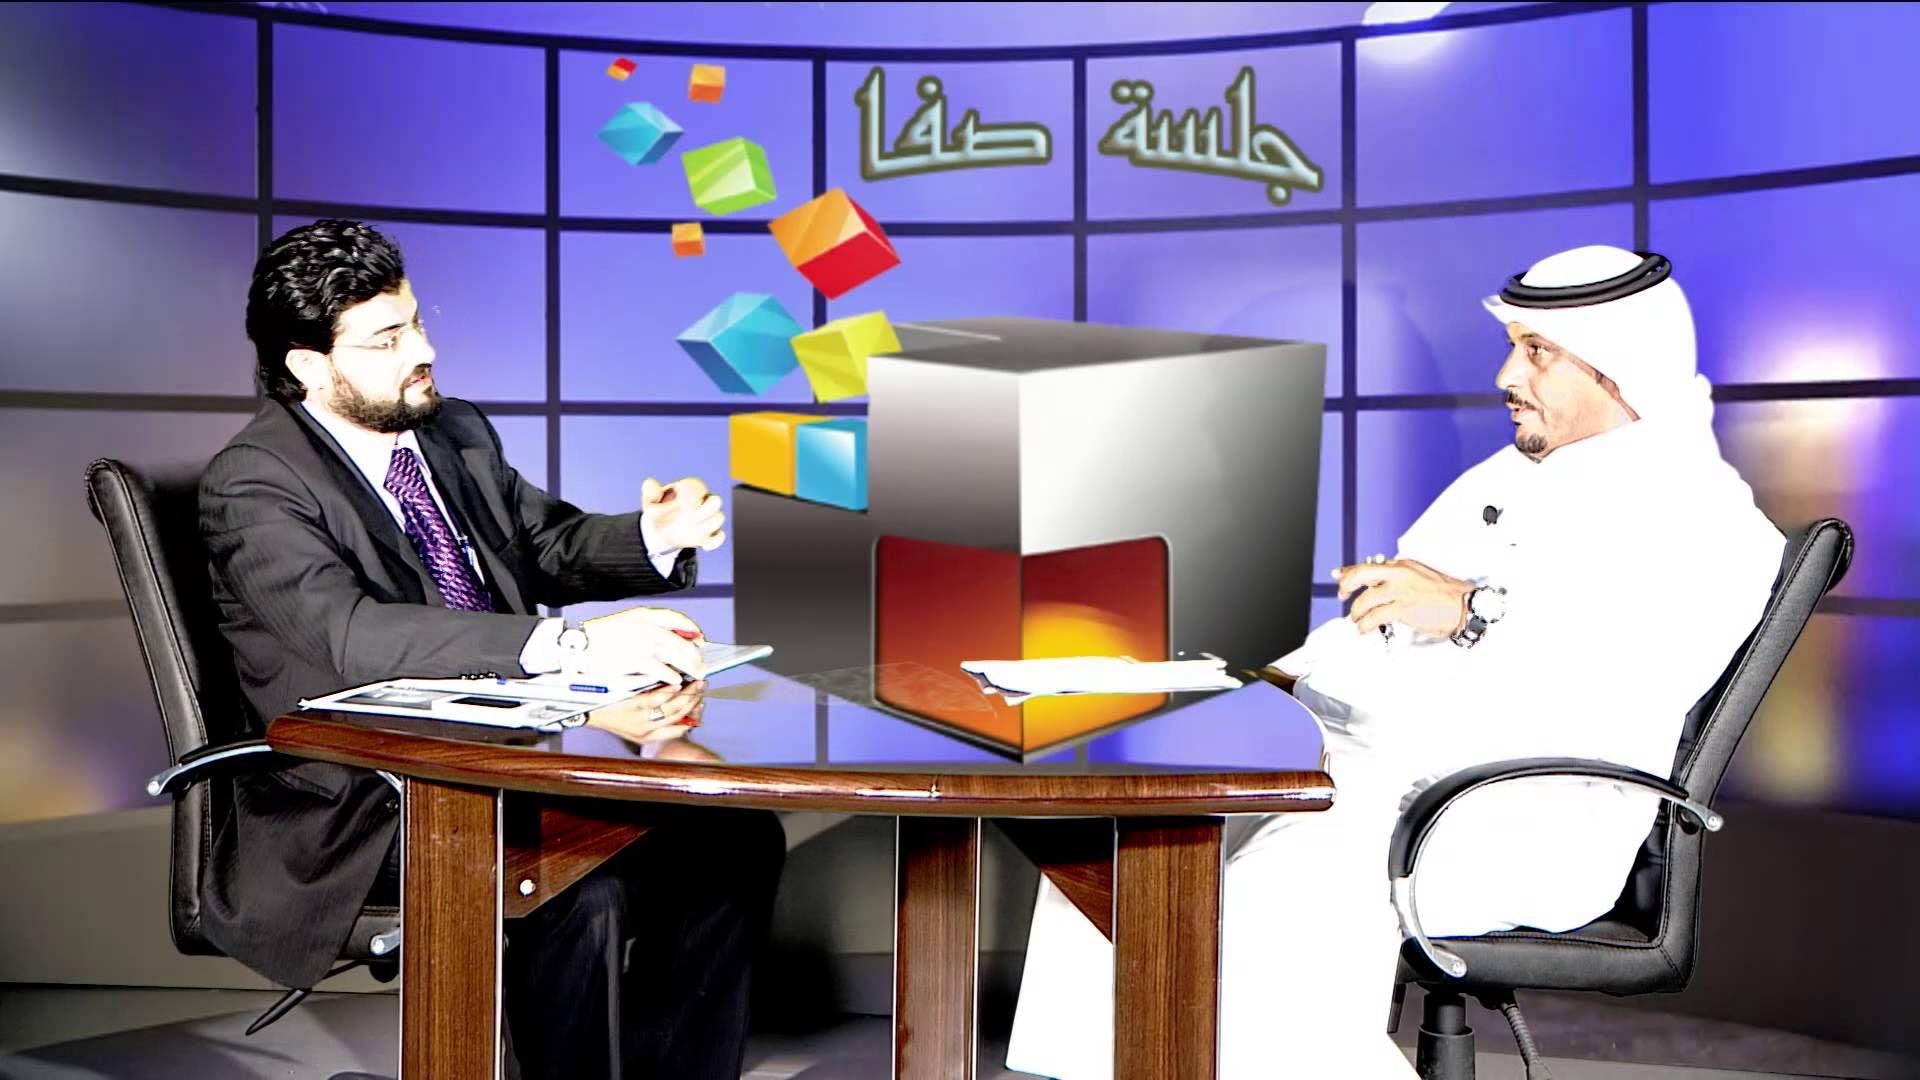 برنامج جلسة صفا حلقة الشاعر خالد الحمياني العتيبي I شاعر المجتمع Home Decor Decor Standing Desk